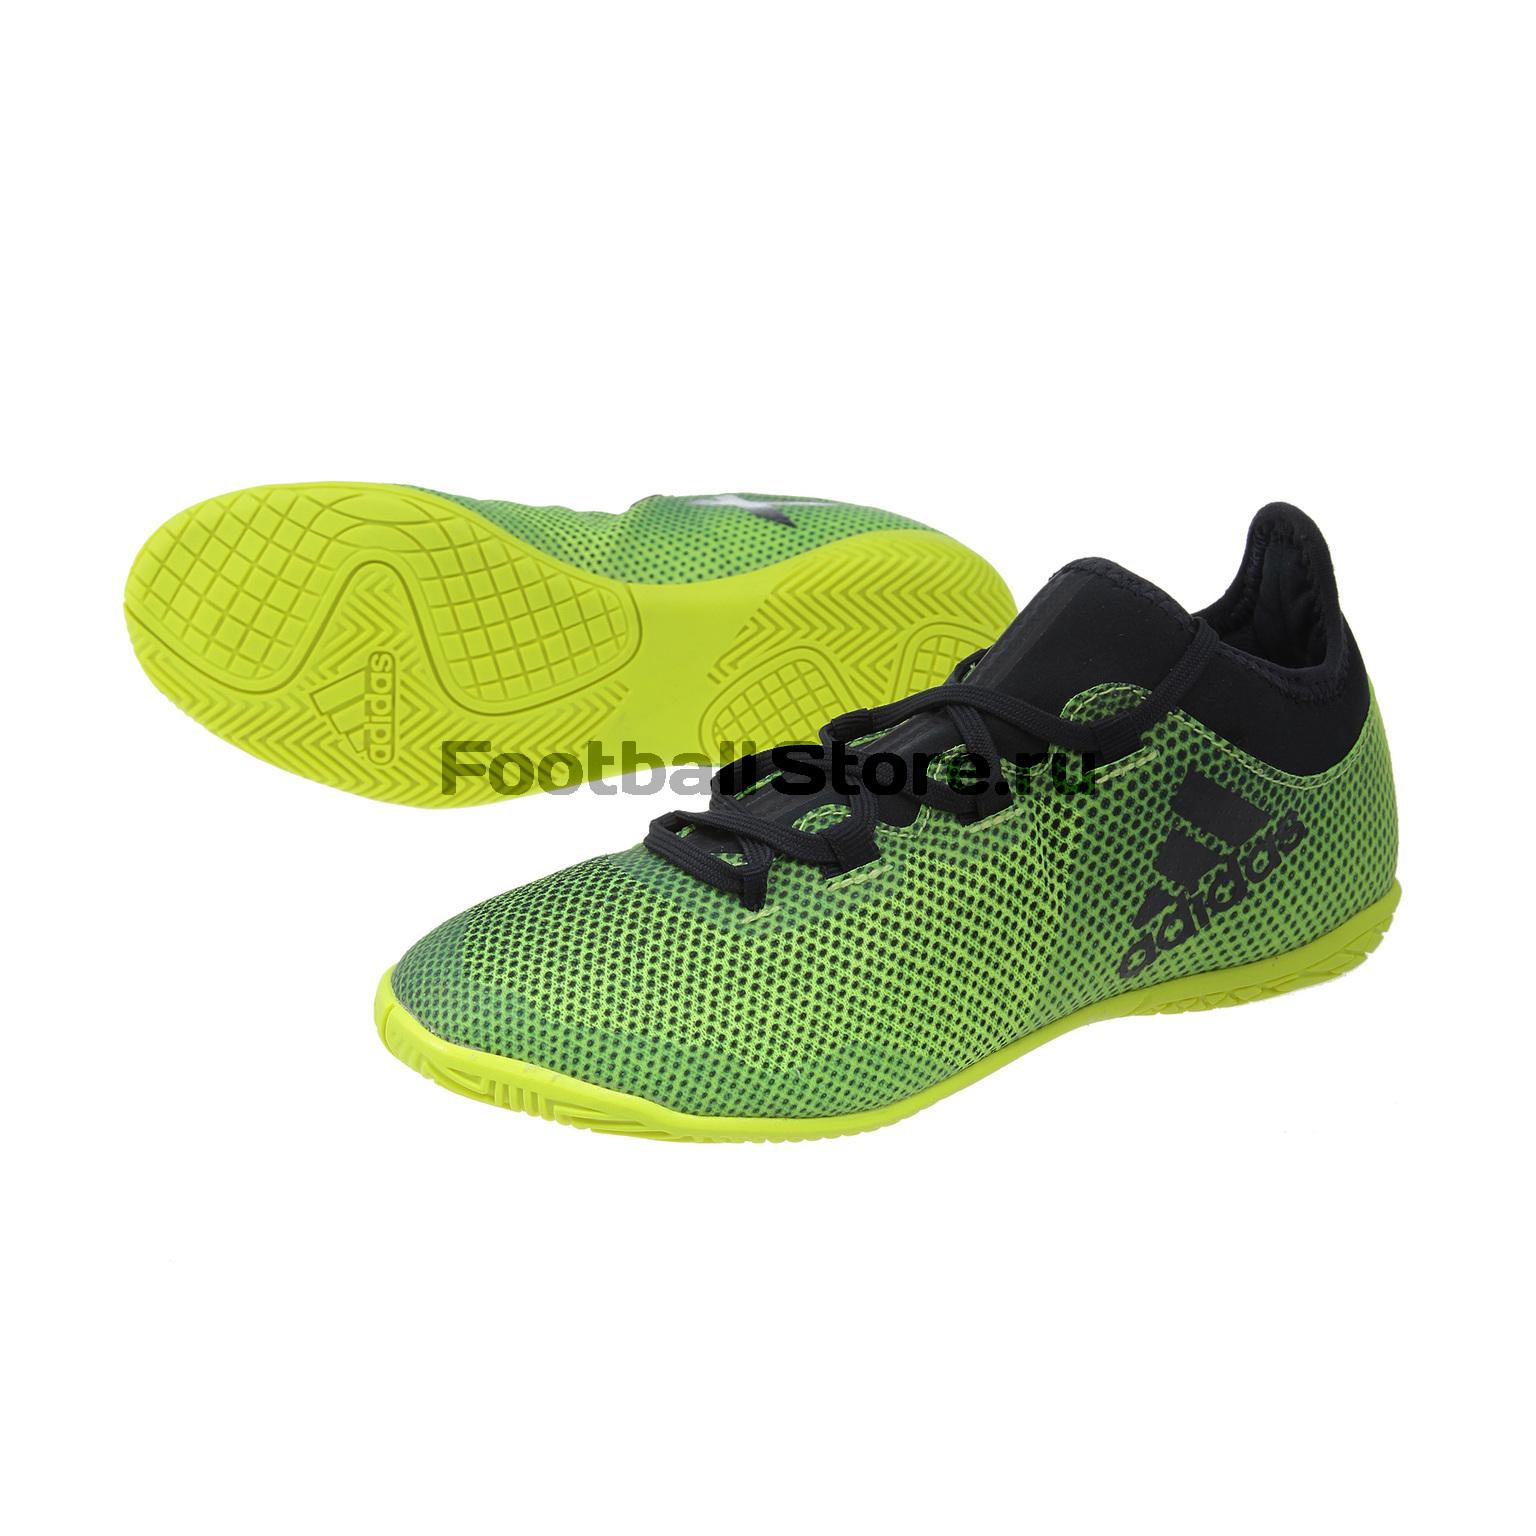 8a908114bc15bd Футзалки детские Adidas X Tango 17.3 IN CG3723 – купить в интернет ...